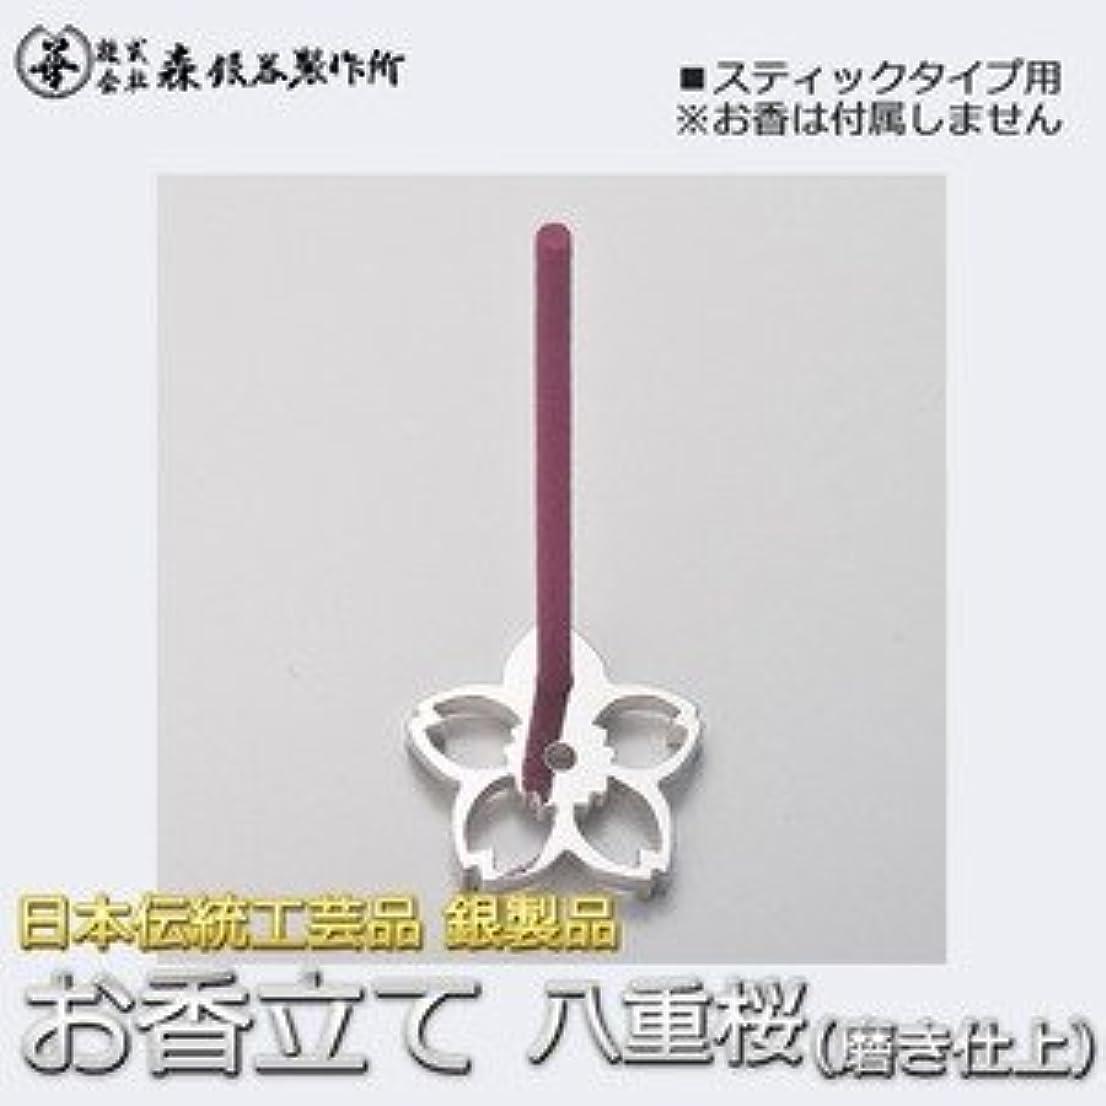 ピンチラオス人詳細な香立て 八重桜 銀製 磨き仕上げ 日本伝統工芸品 ハンドメイド スターリングシルバー